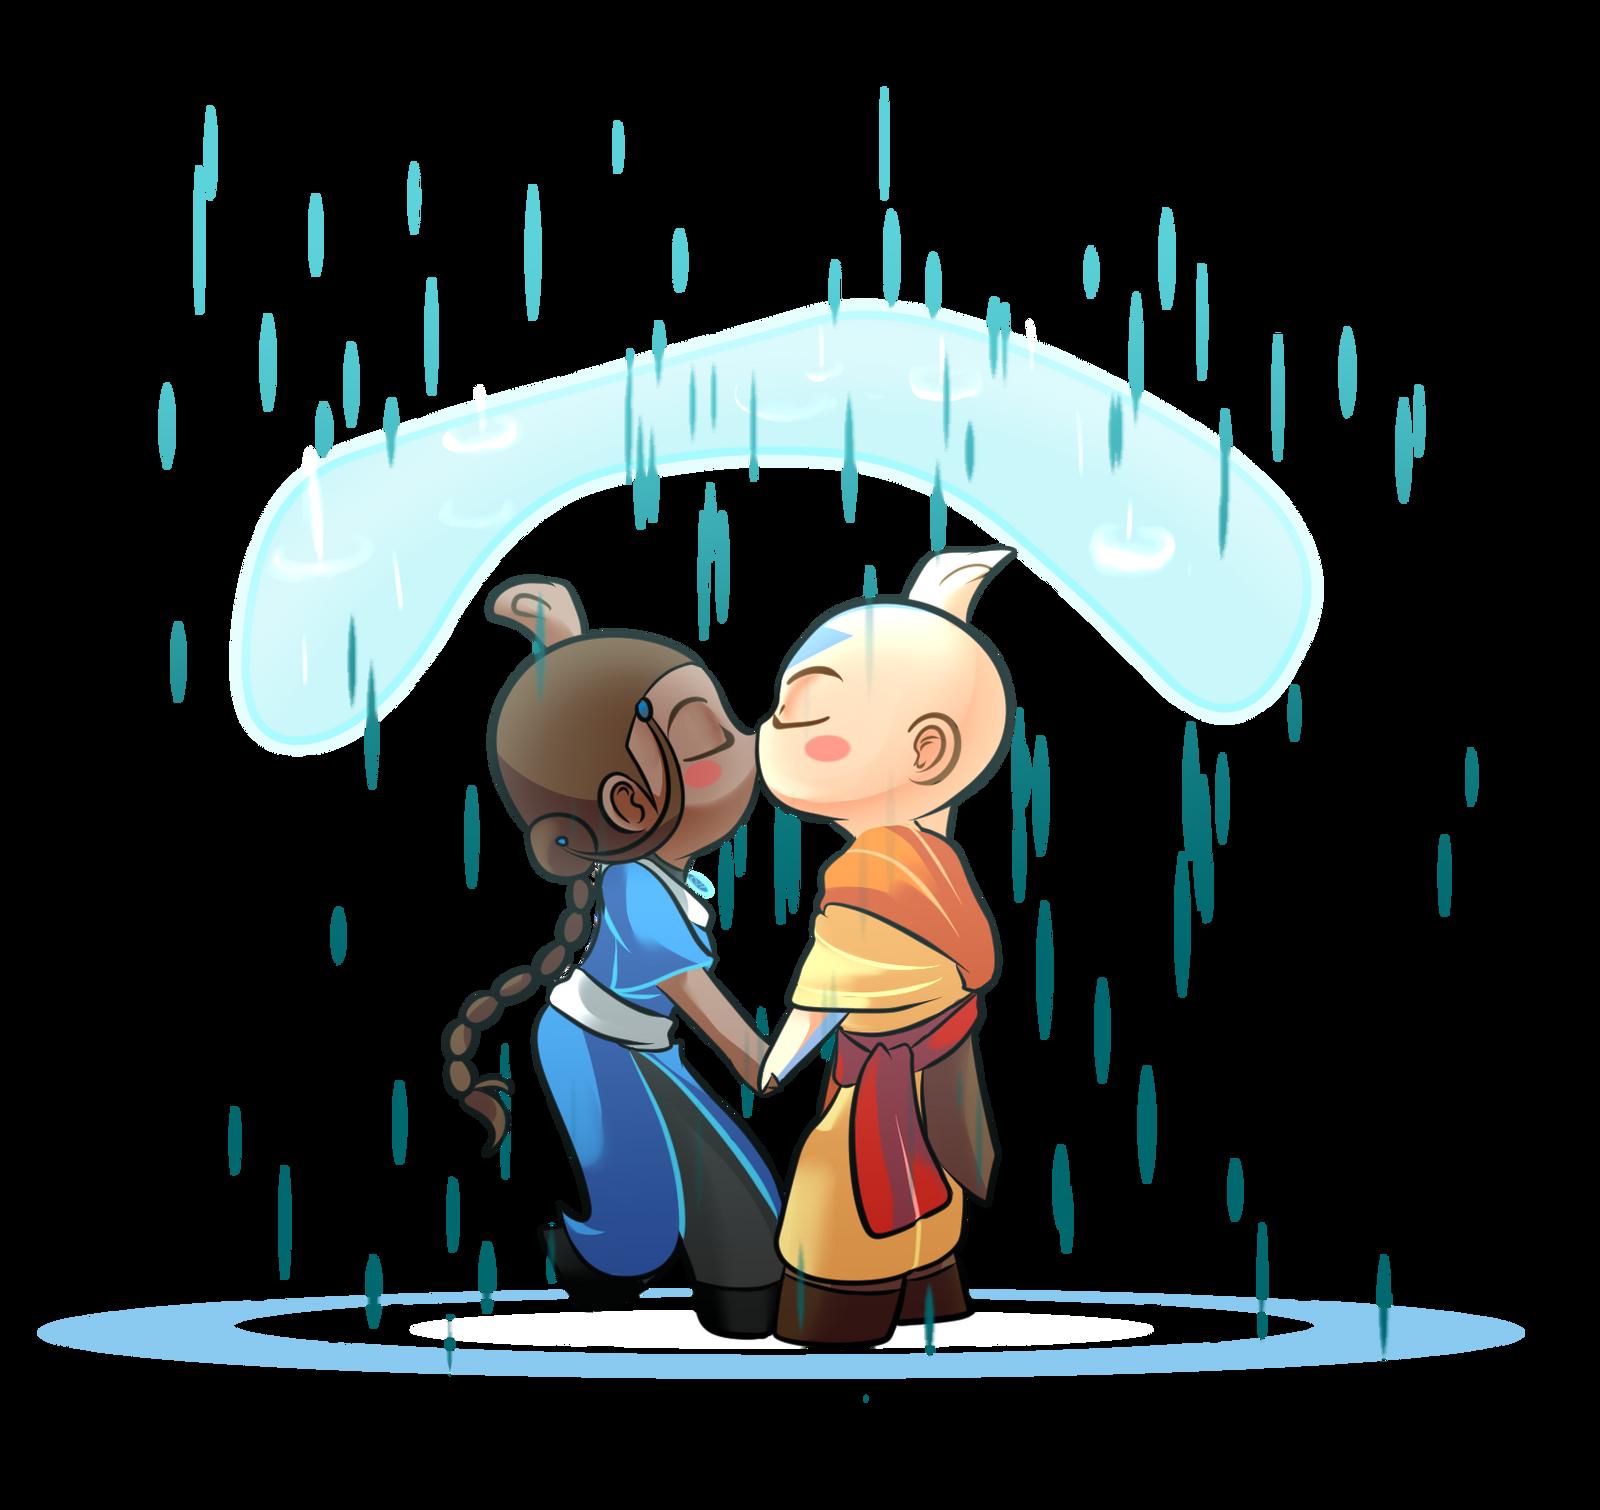 2014KW 03: Rainy Days by aaynra